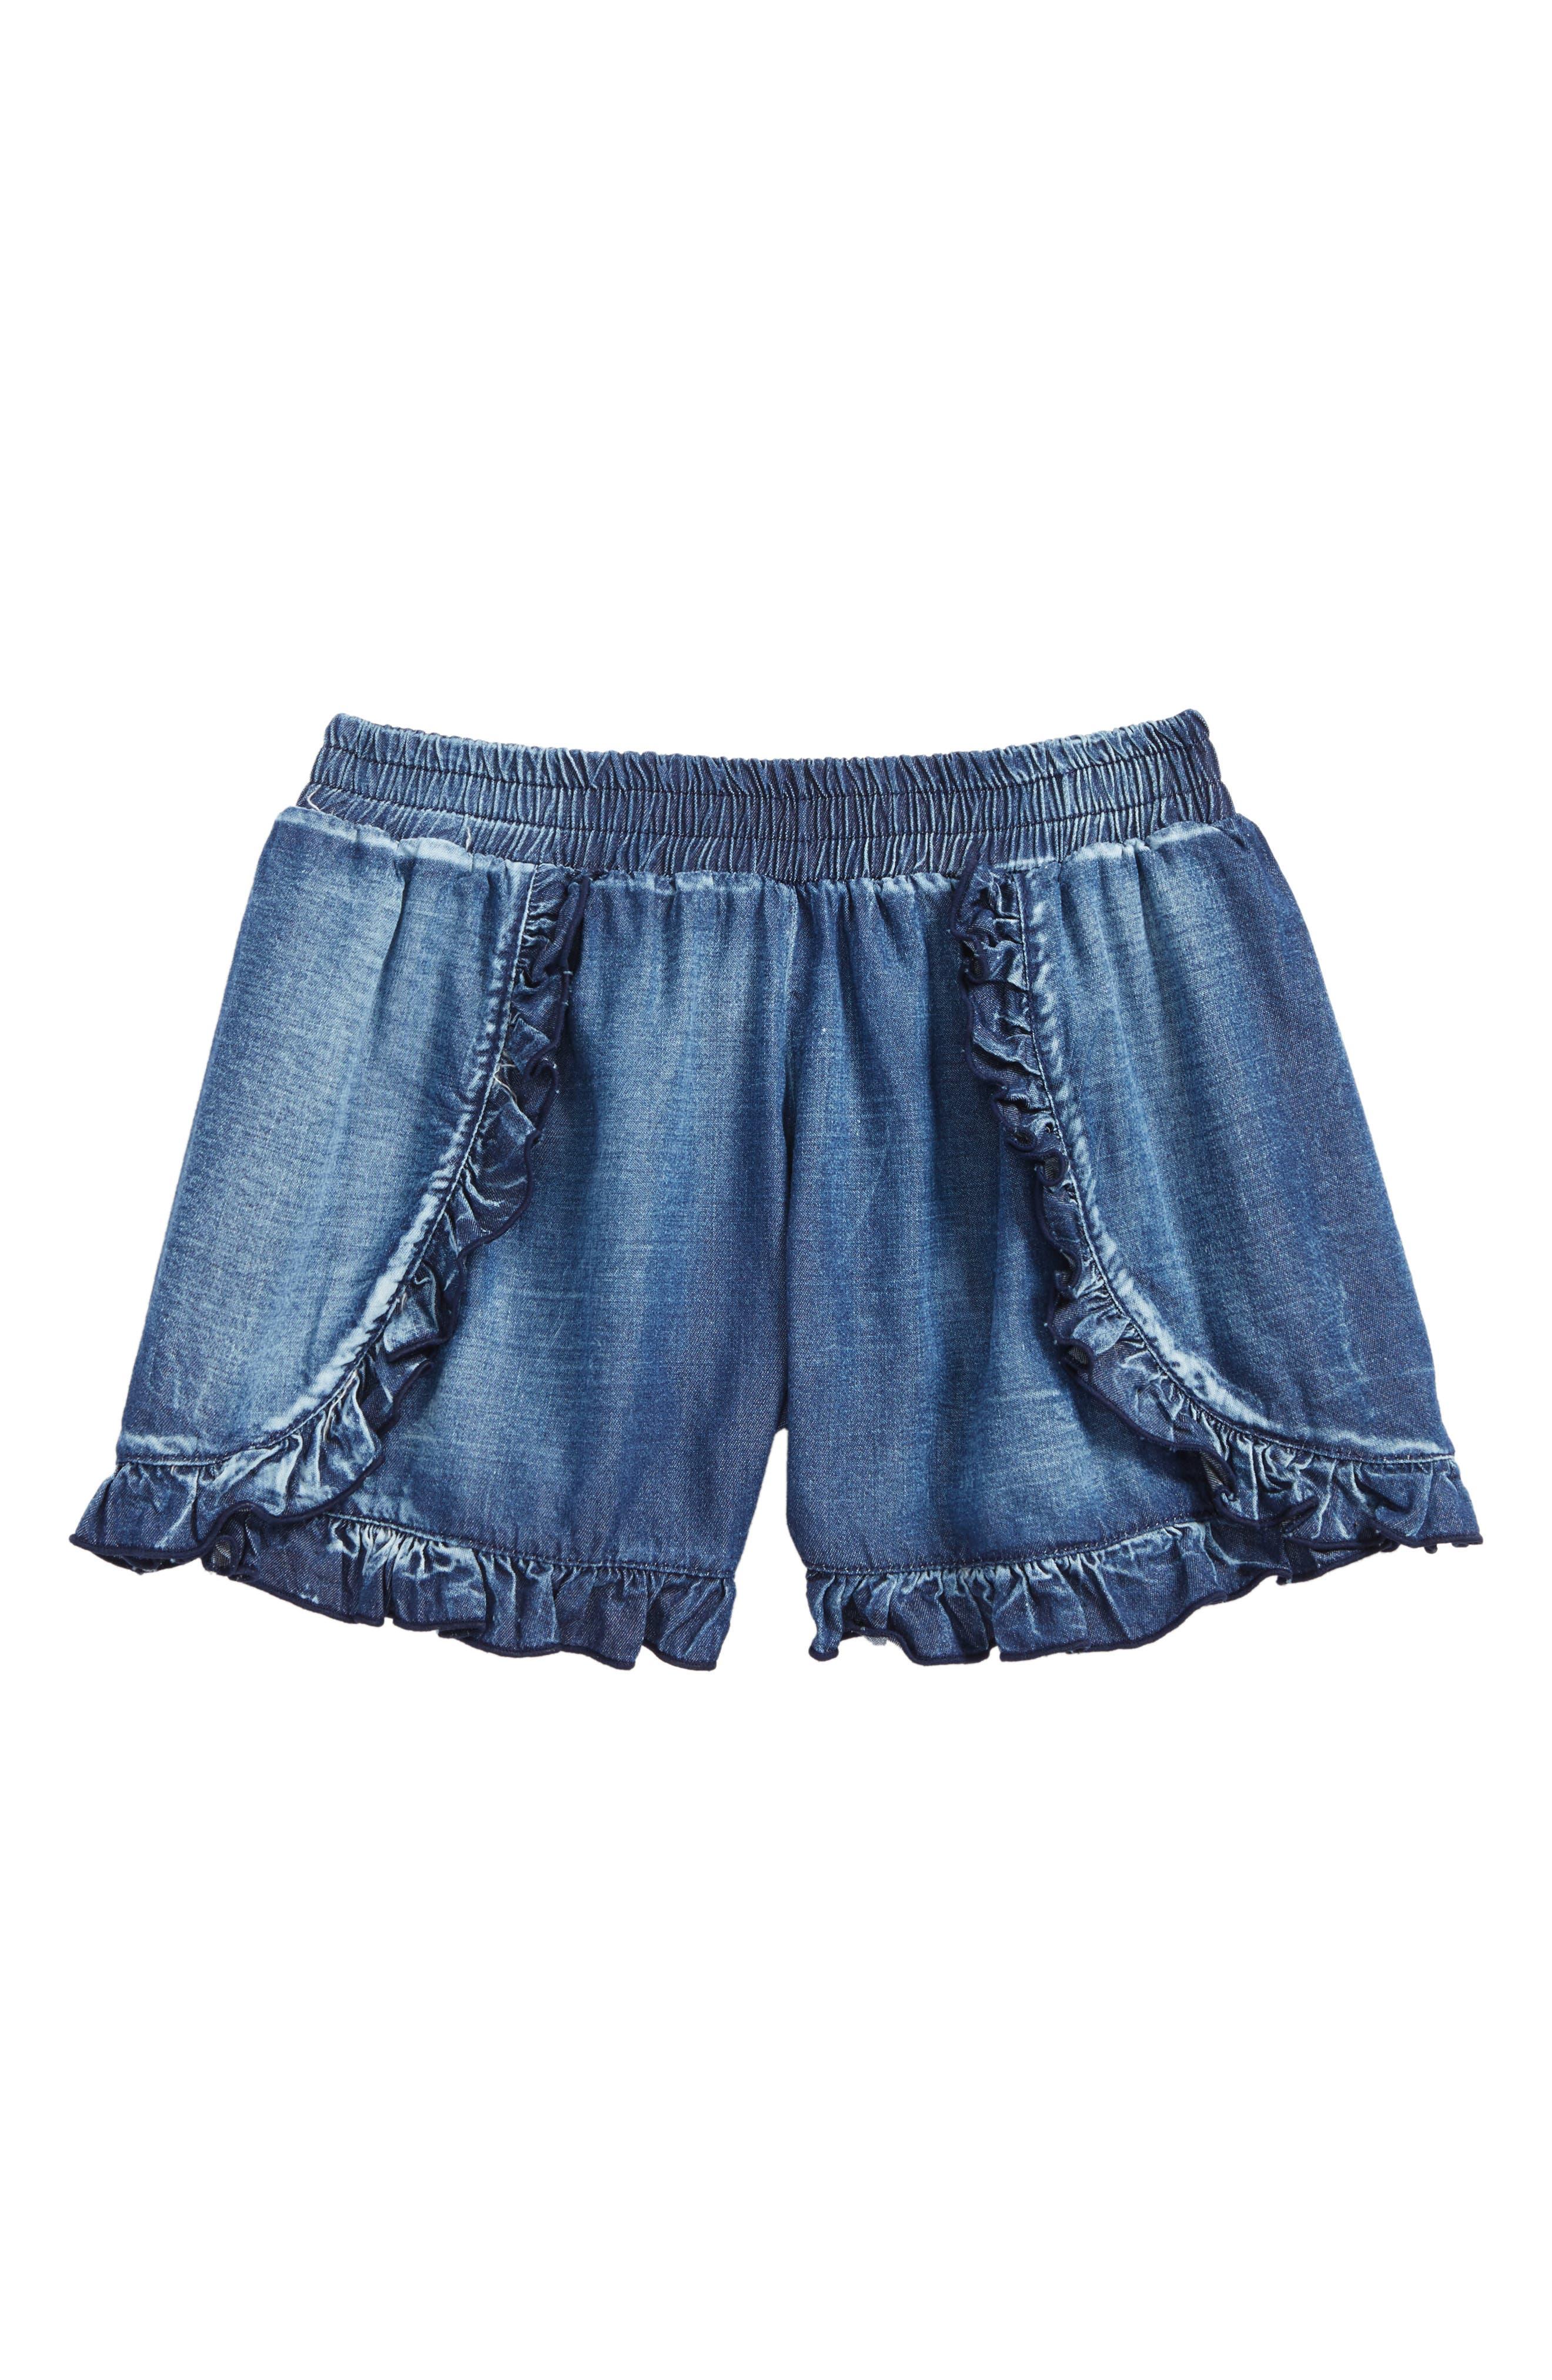 Ruffle Shorts,                         Main,                         color, 466